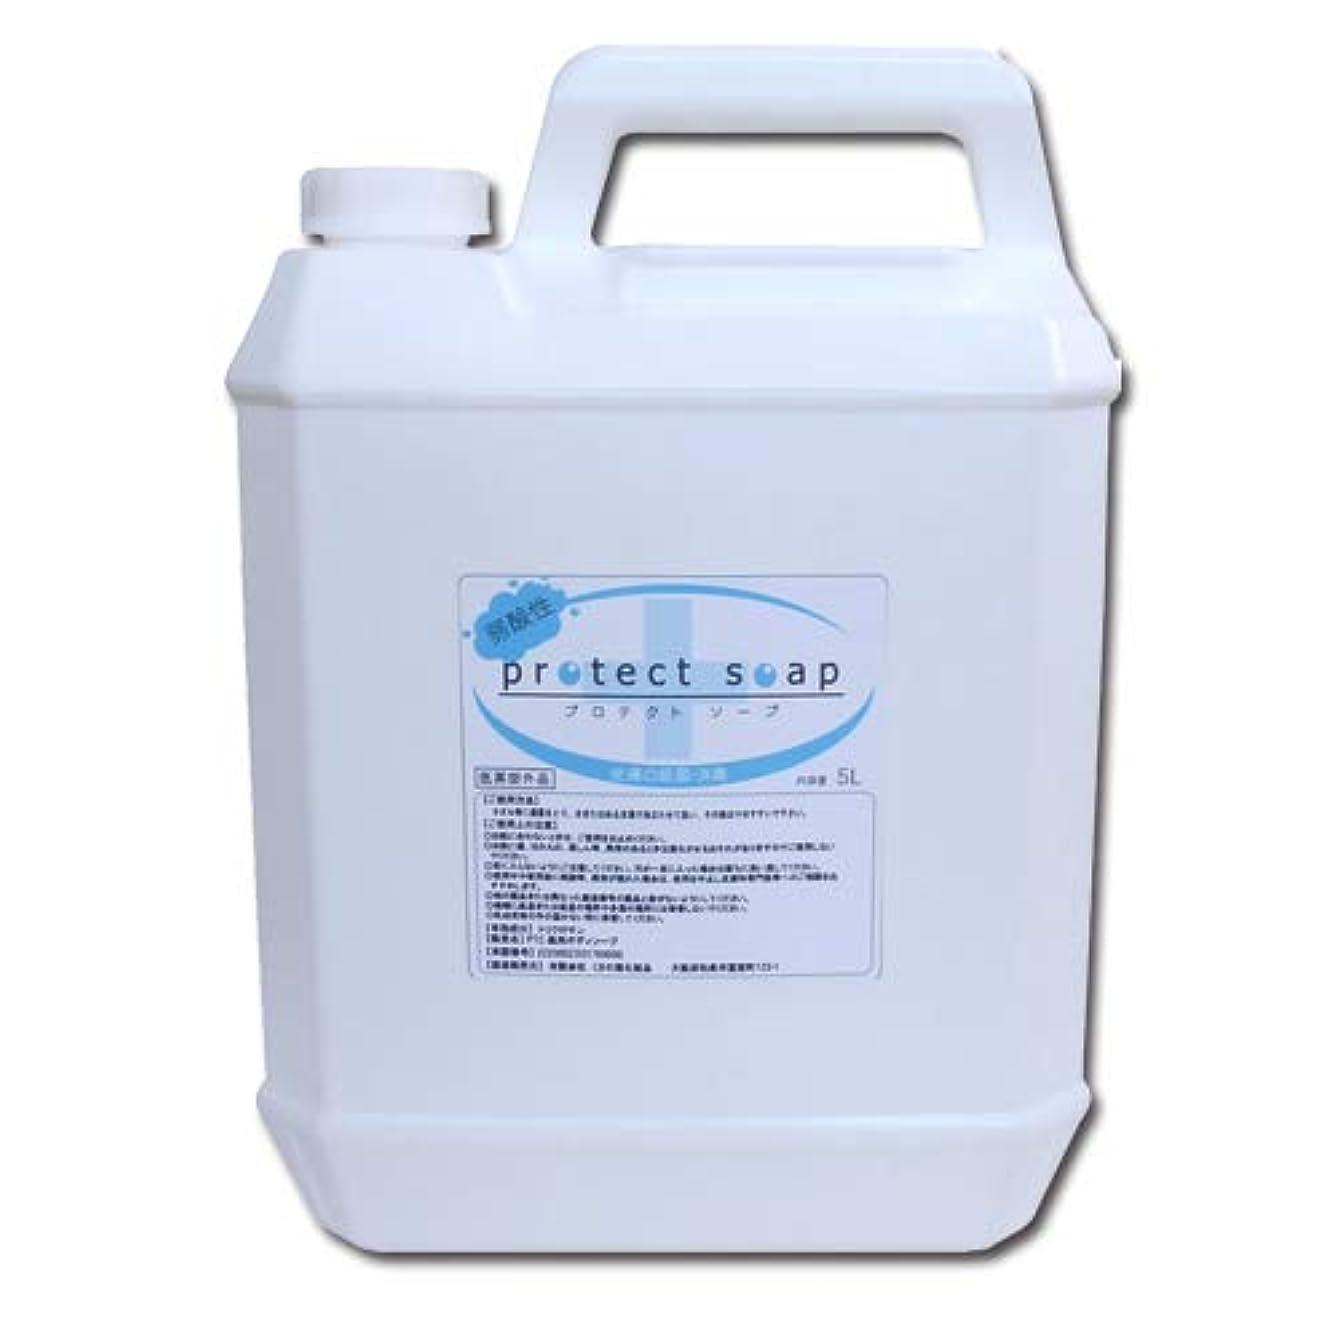 通常レール遅れ低刺激弱酸性 液体石鹸 プロテクトソープ 5L 業務用│せっけん液 液体せっけん 殺菌?消毒 インフルエンザ?ノロウィルス対策